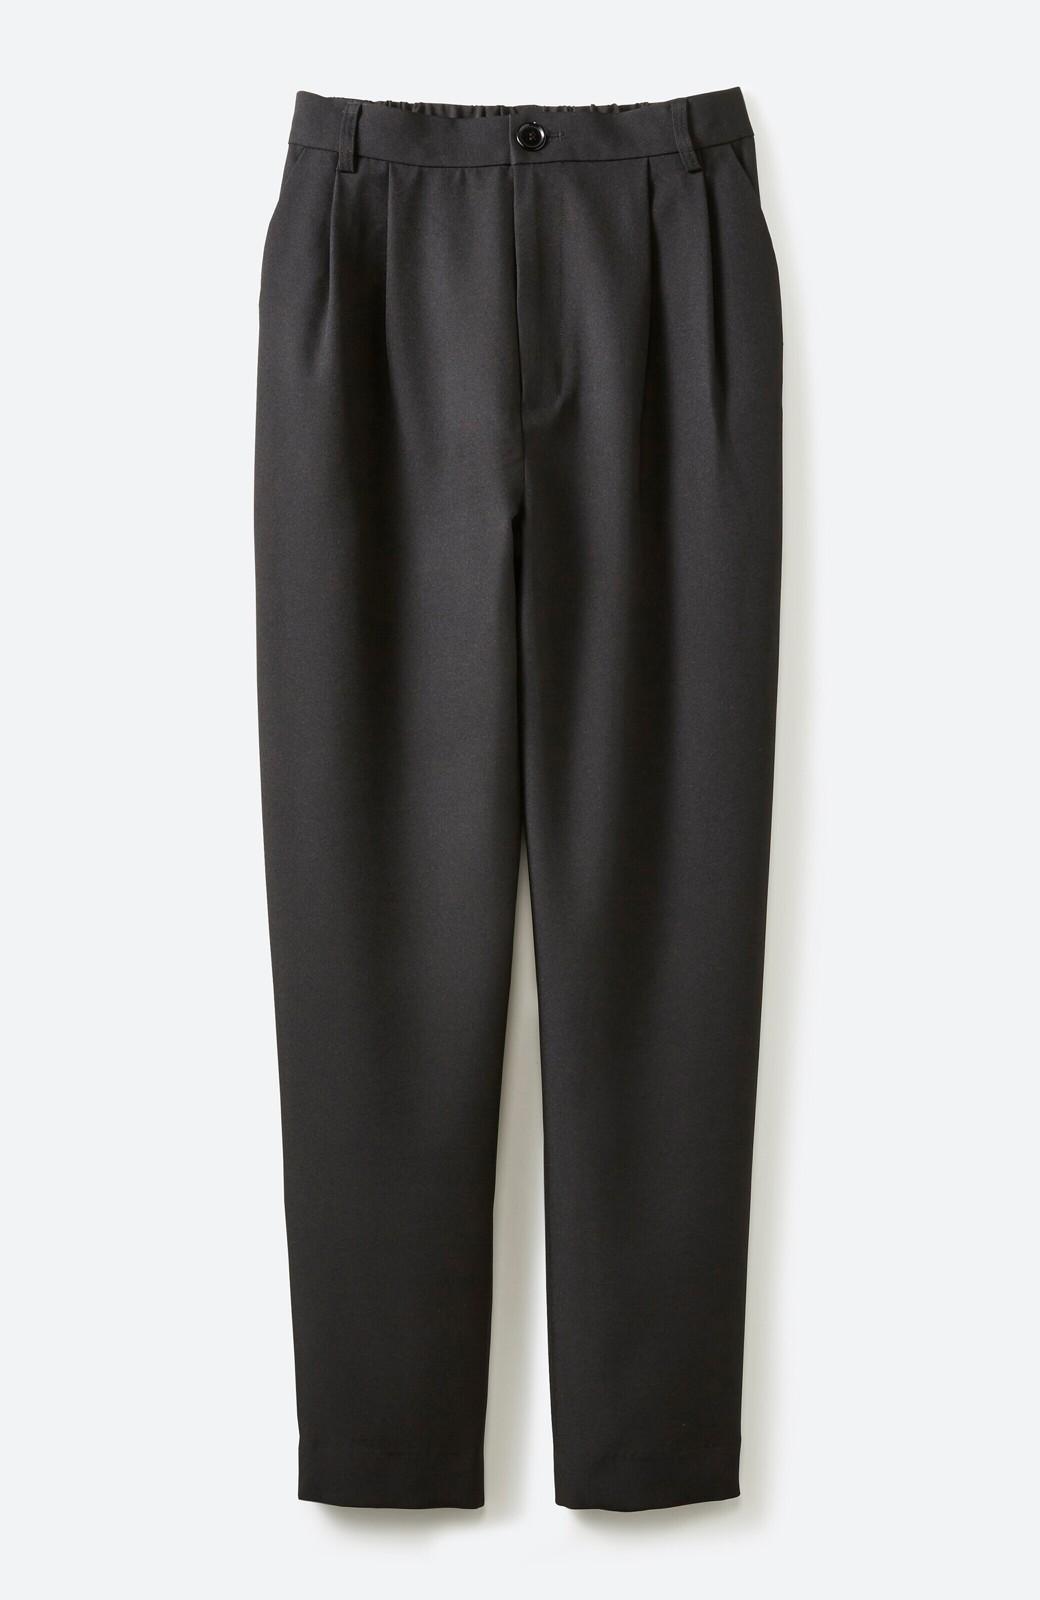 haco! 持っていると便利な野暮ったくならないフォーマルジャケット・パンツの2点セット <ブラック>の商品写真3